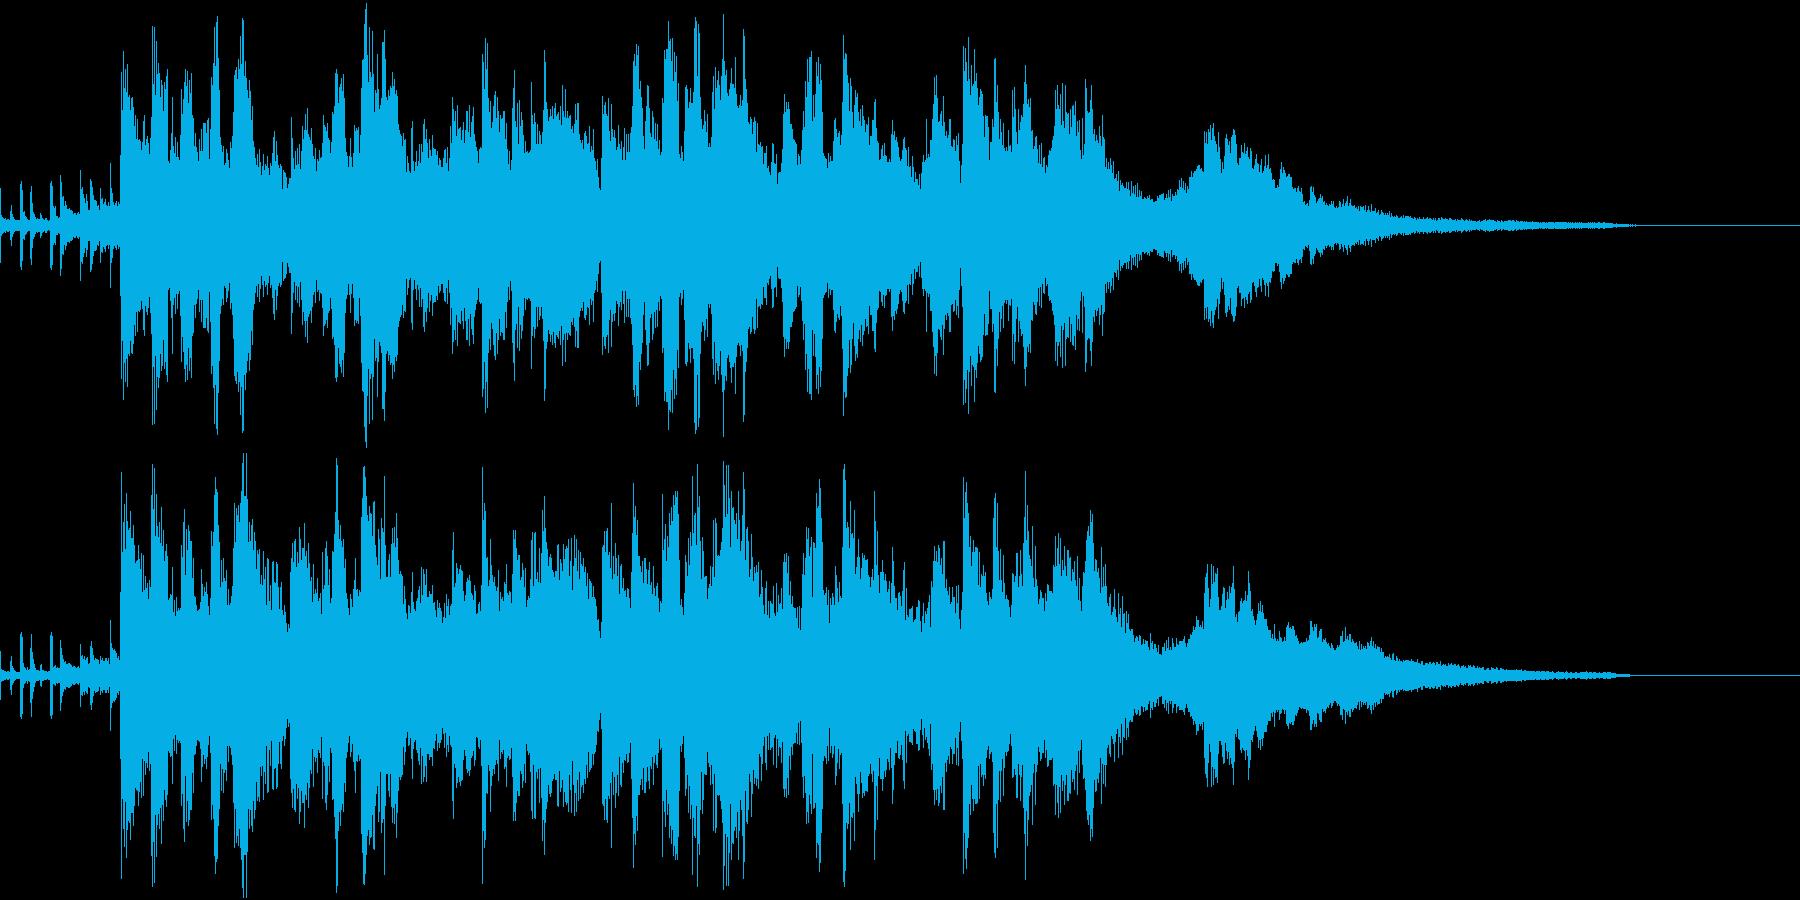 ラジオにピッタリ!おしゃれなジャズピアノの再生済みの波形